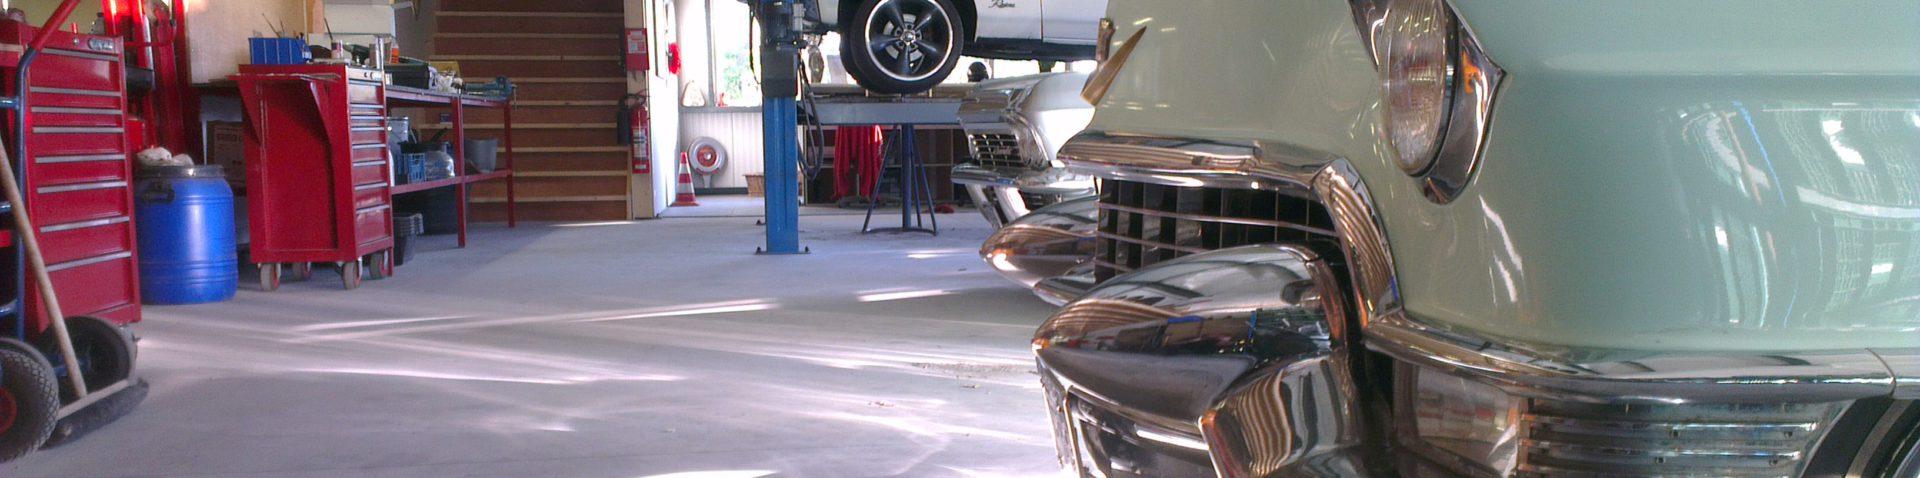 Allround Repair Shop